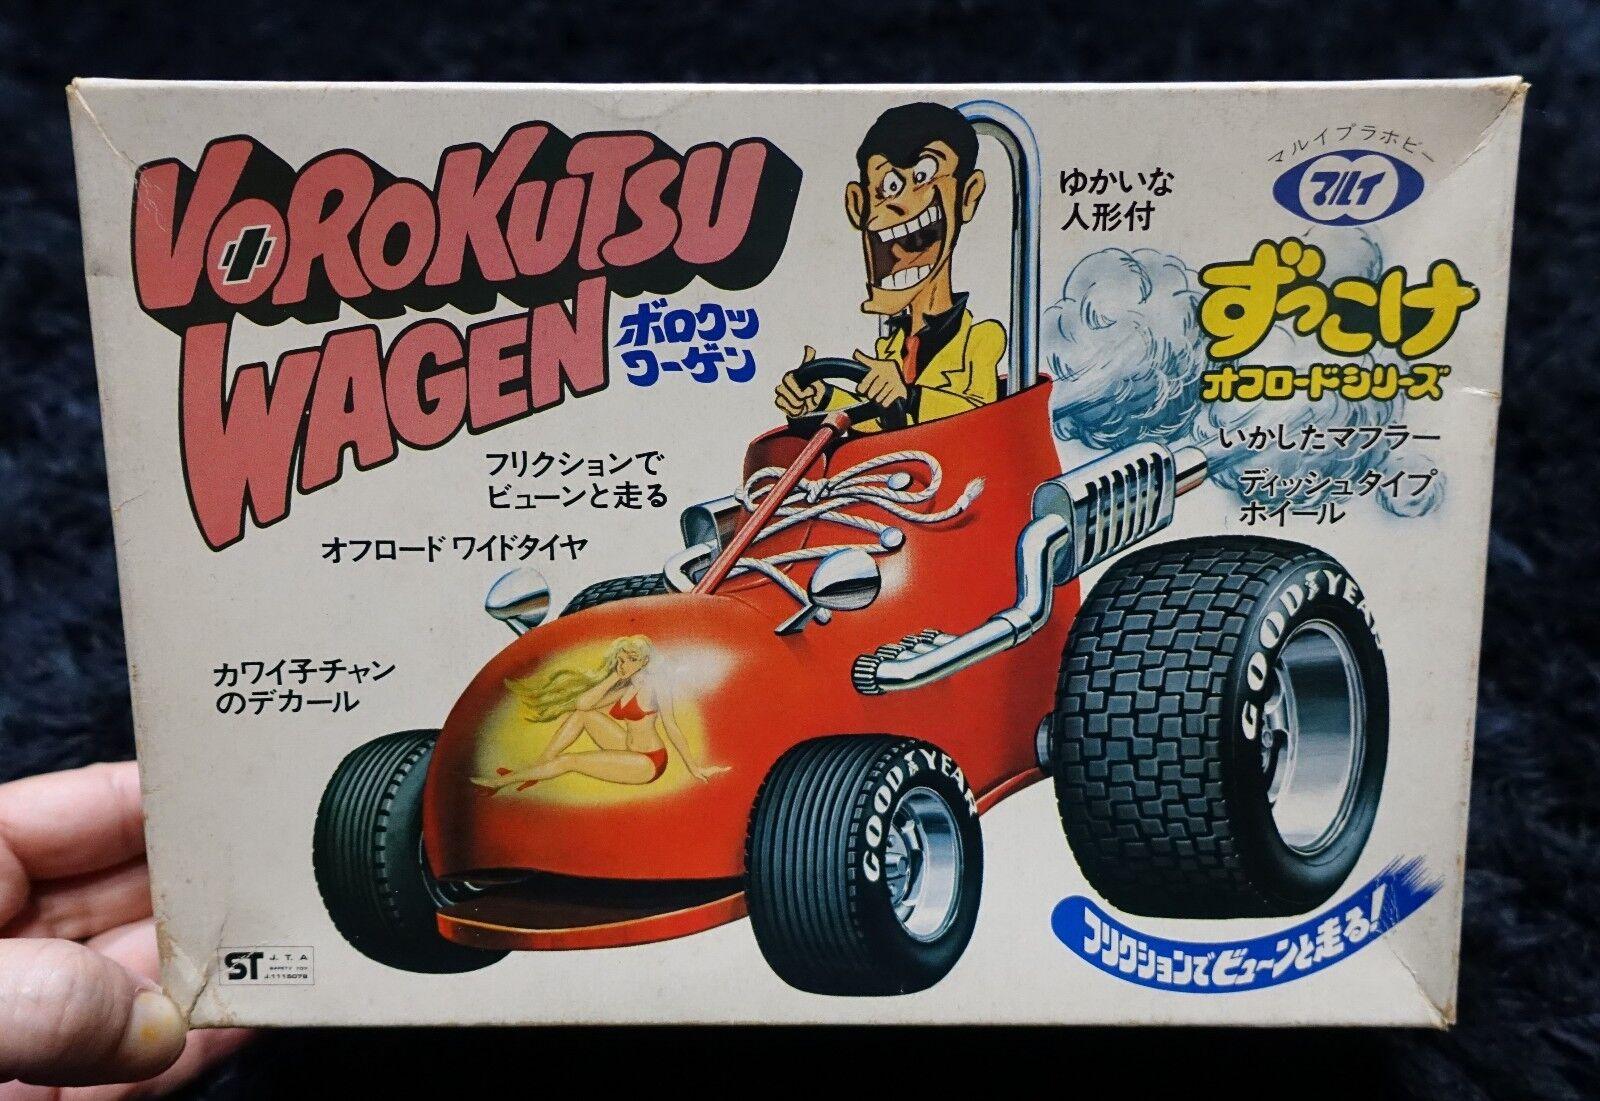 VoroKUTSU WAGEN SHED auto modello KIT MARUI LUPIN III